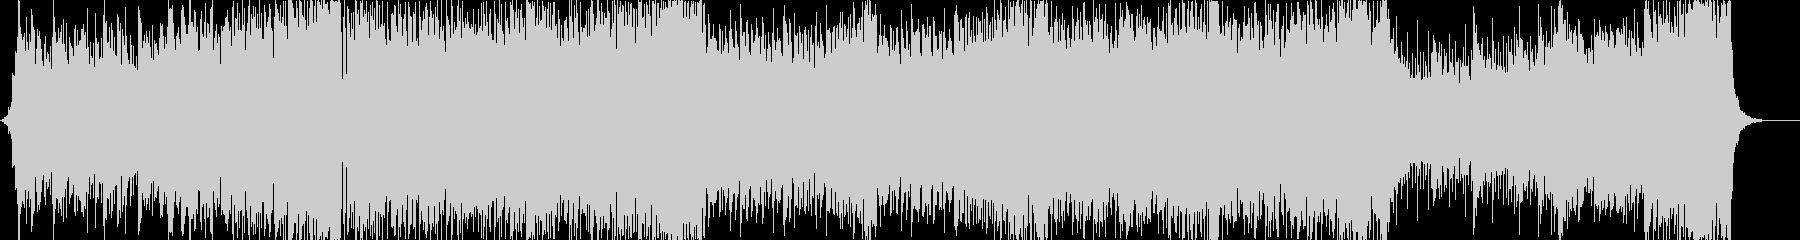 PopなEDMと攻撃的なベースハウスの未再生の波形